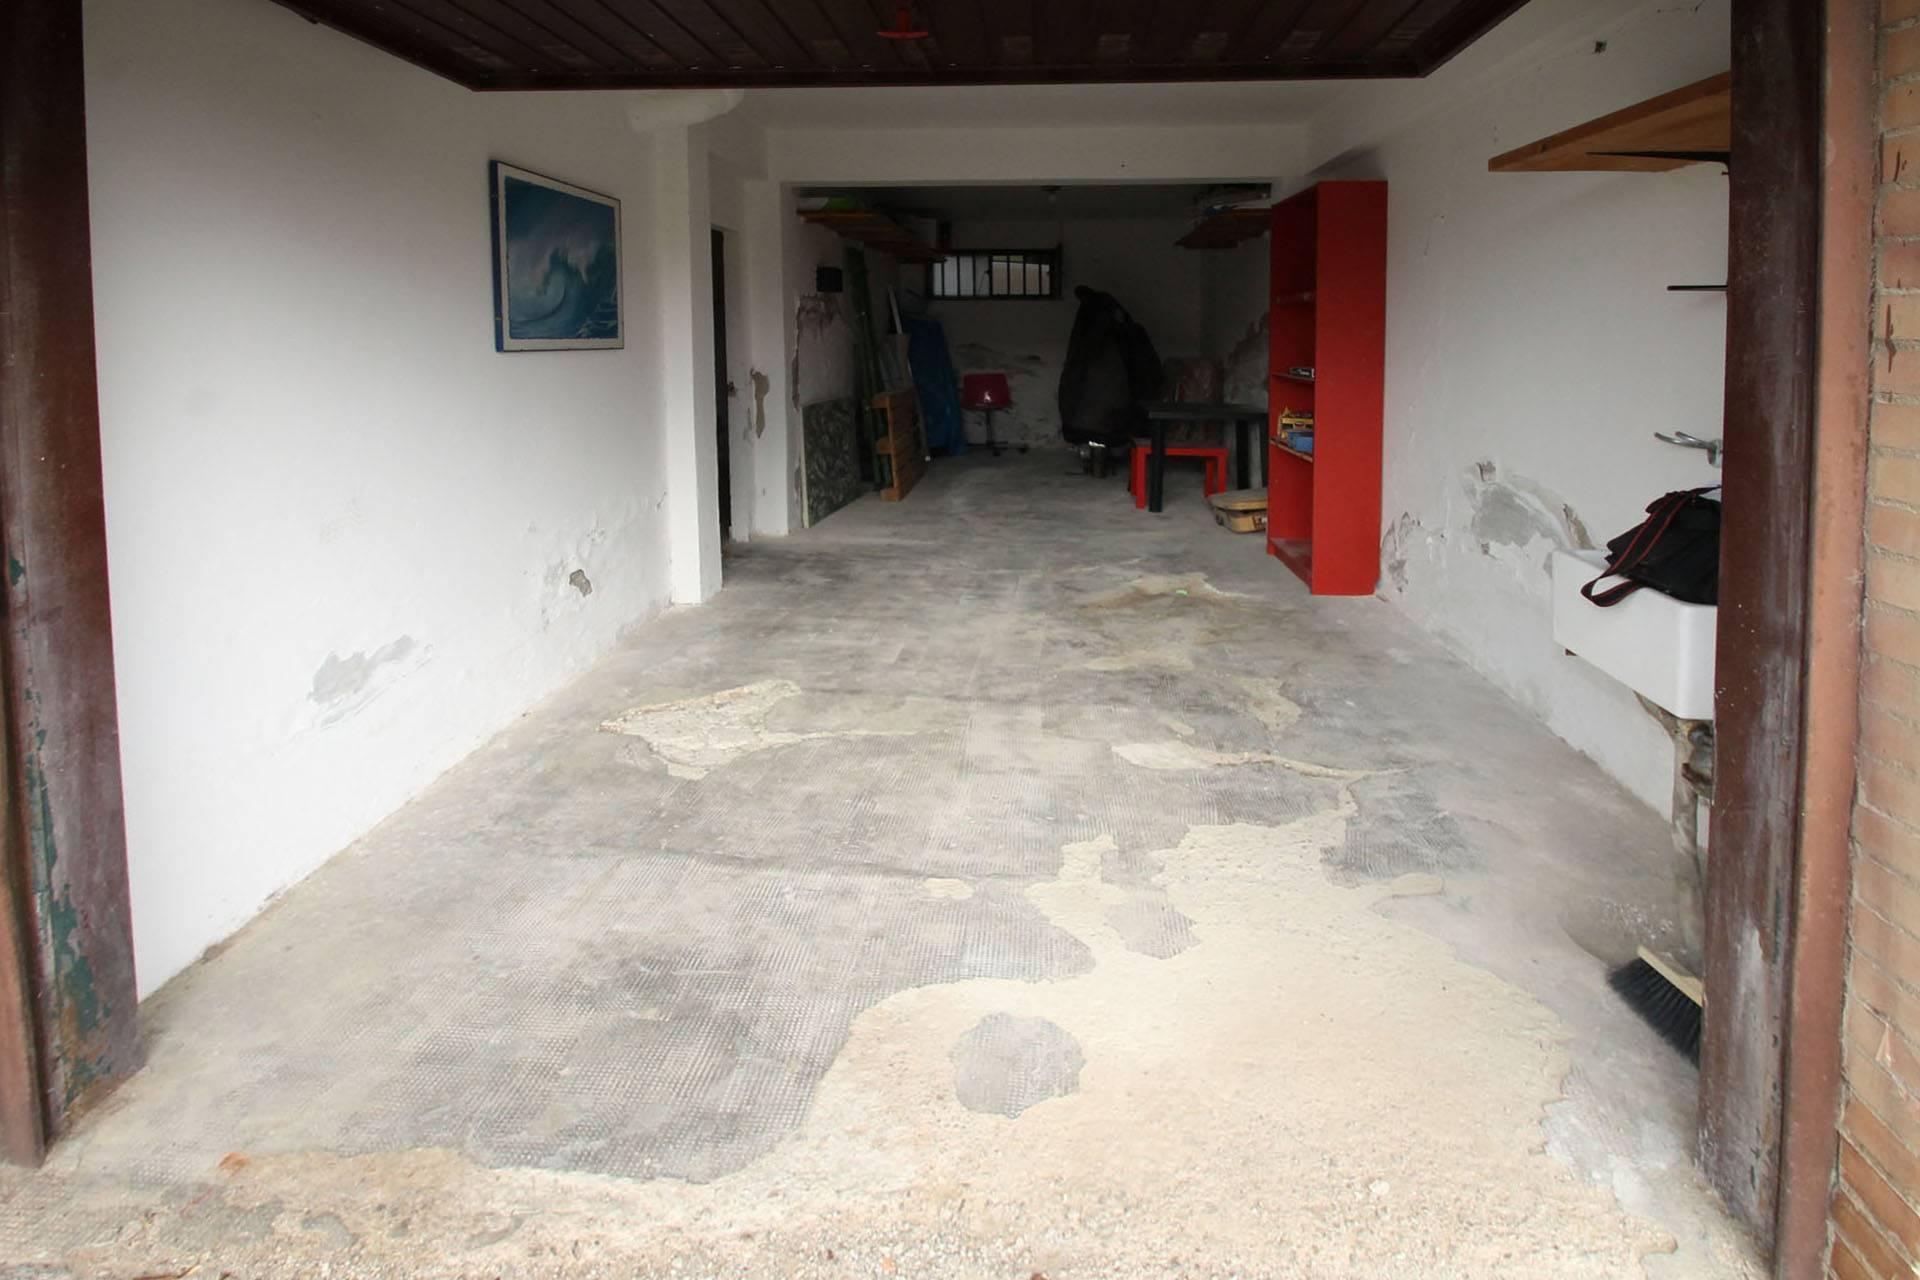 R/61-garage